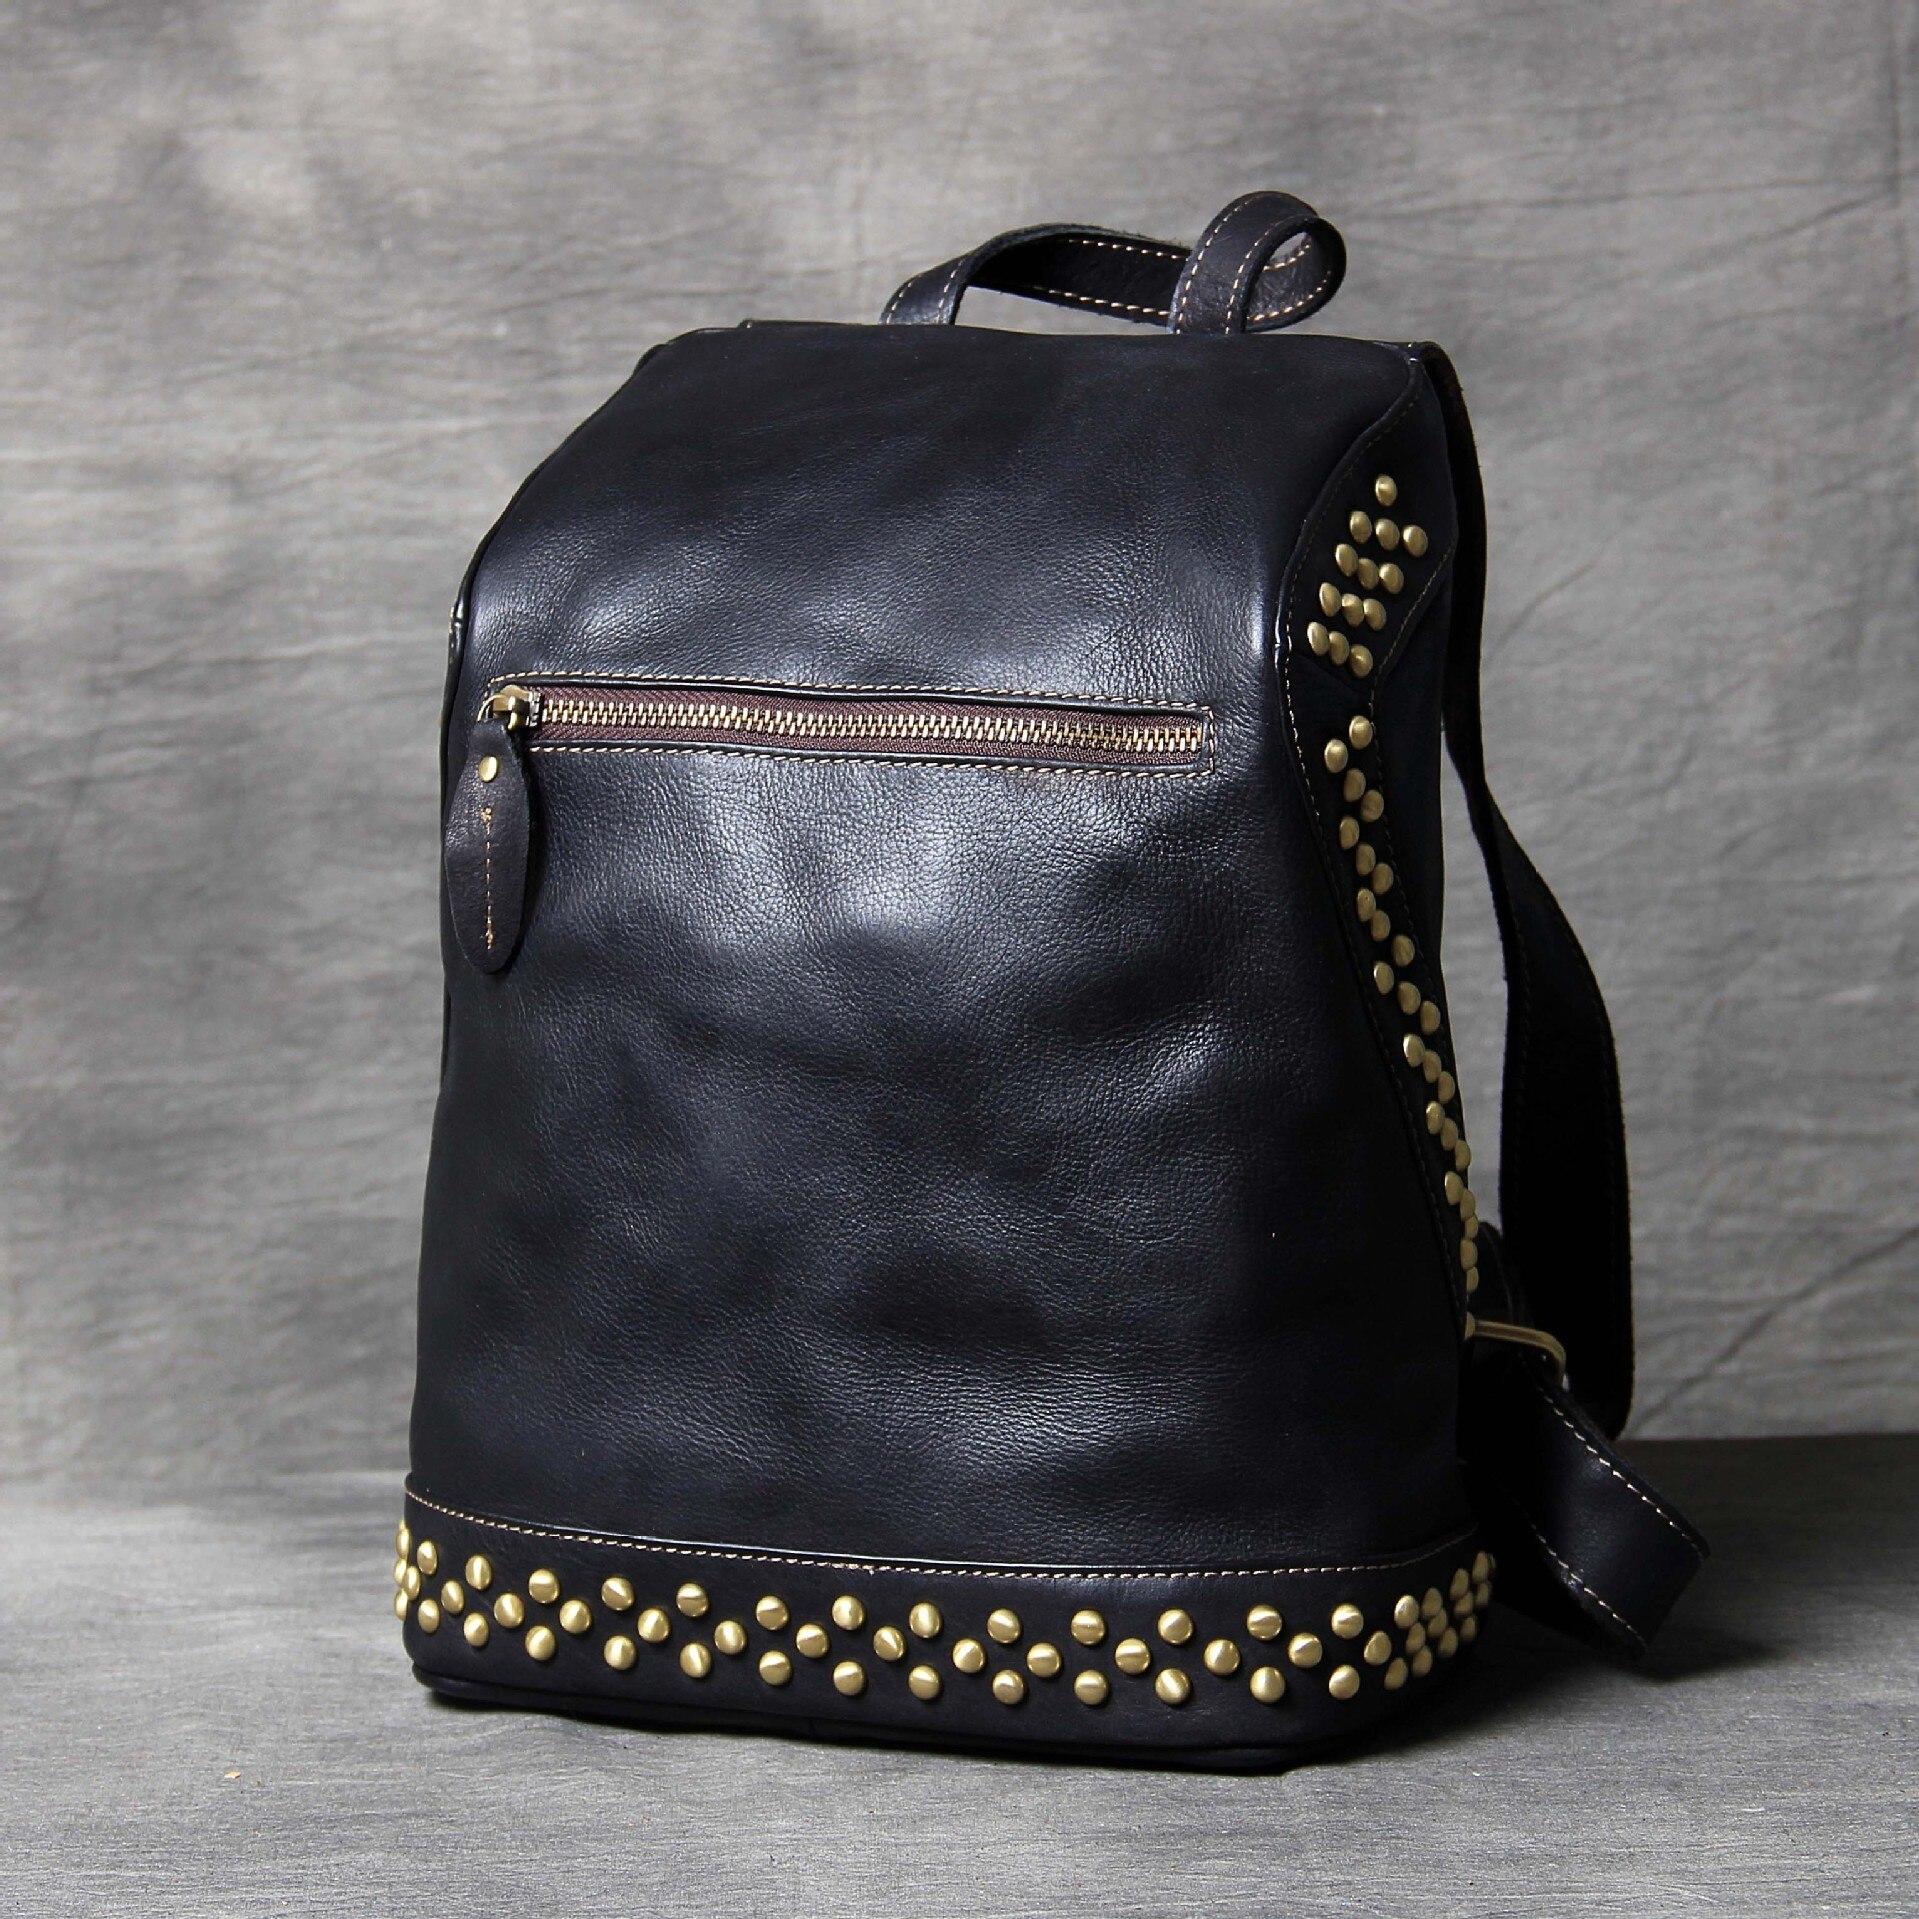 Noir sacs pour ordinateur portable sacs à dos femme rétro en cuir véritable femmes sac à dos sac à main en cuir école sac à dos clouté sacs